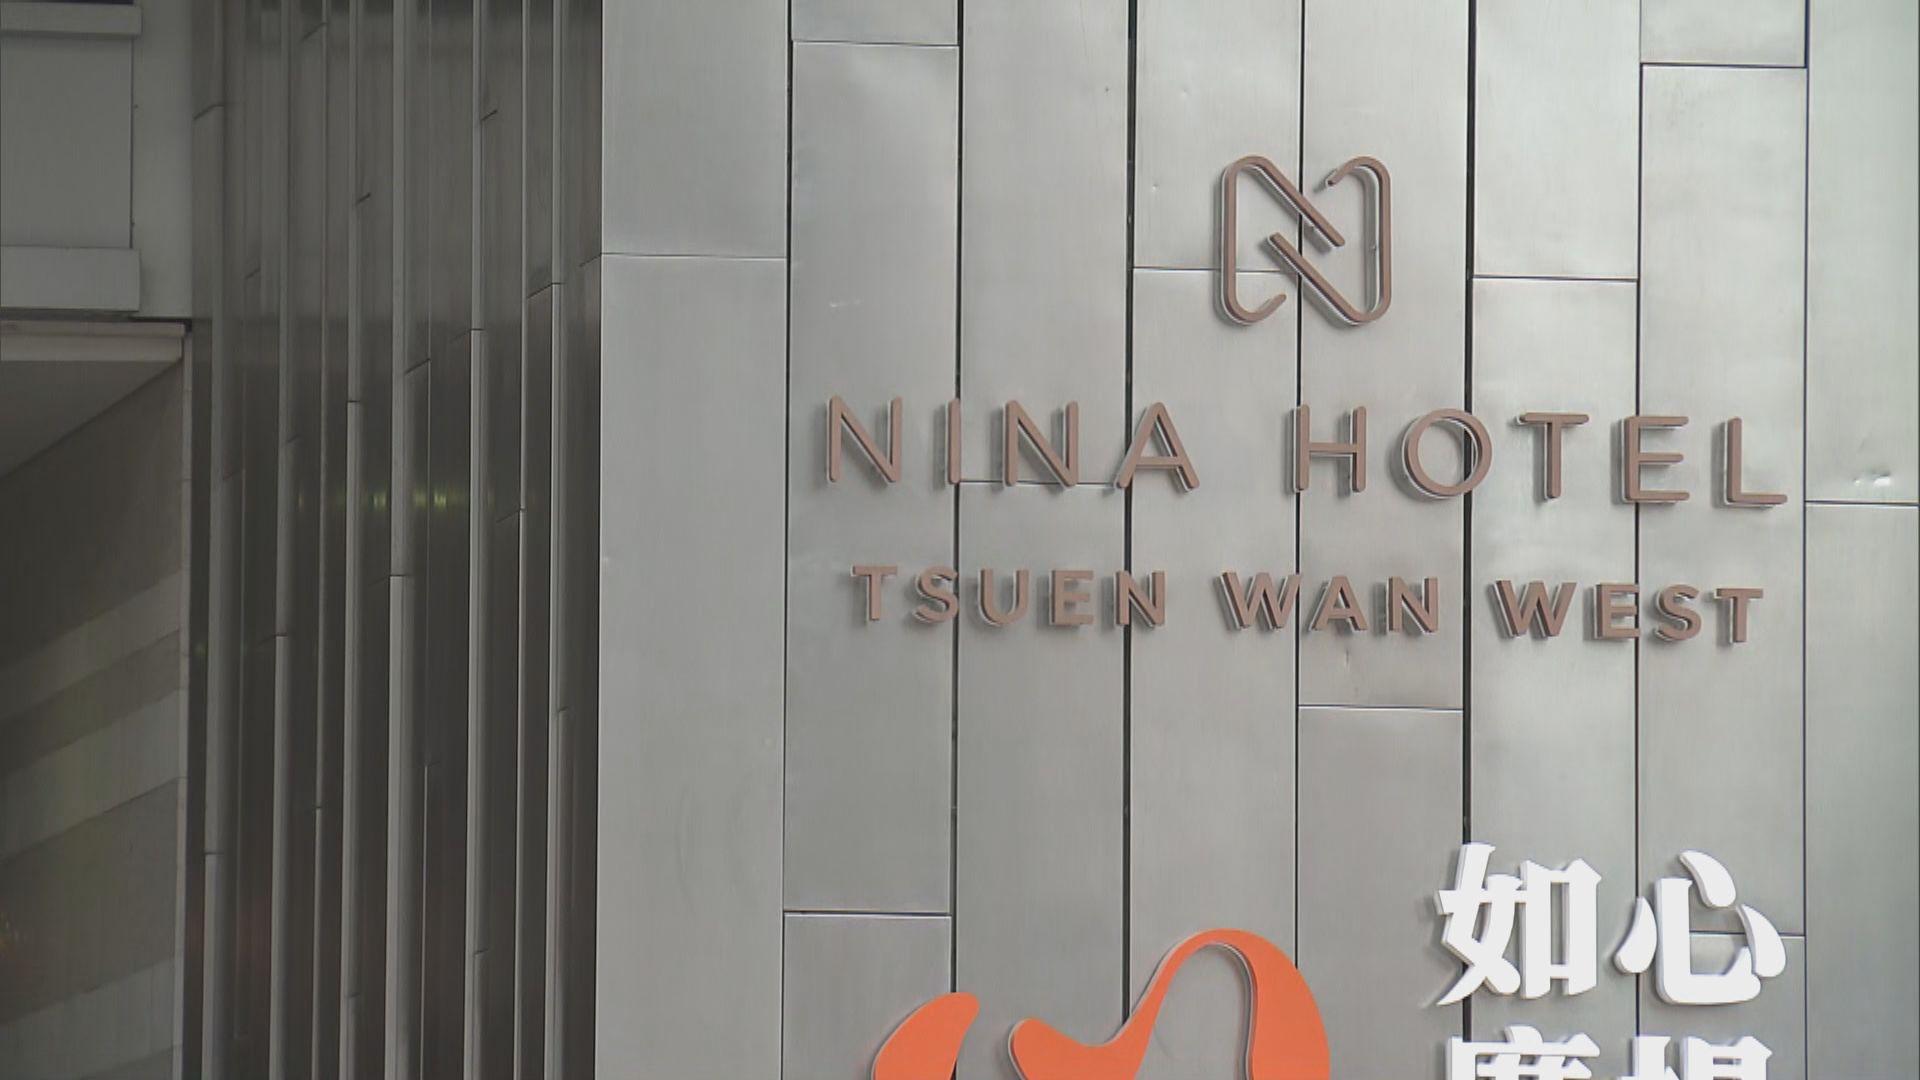 【「賞你住」安排】荃灣西如心酒店:如需取消訂房或延期入住可彈性處理